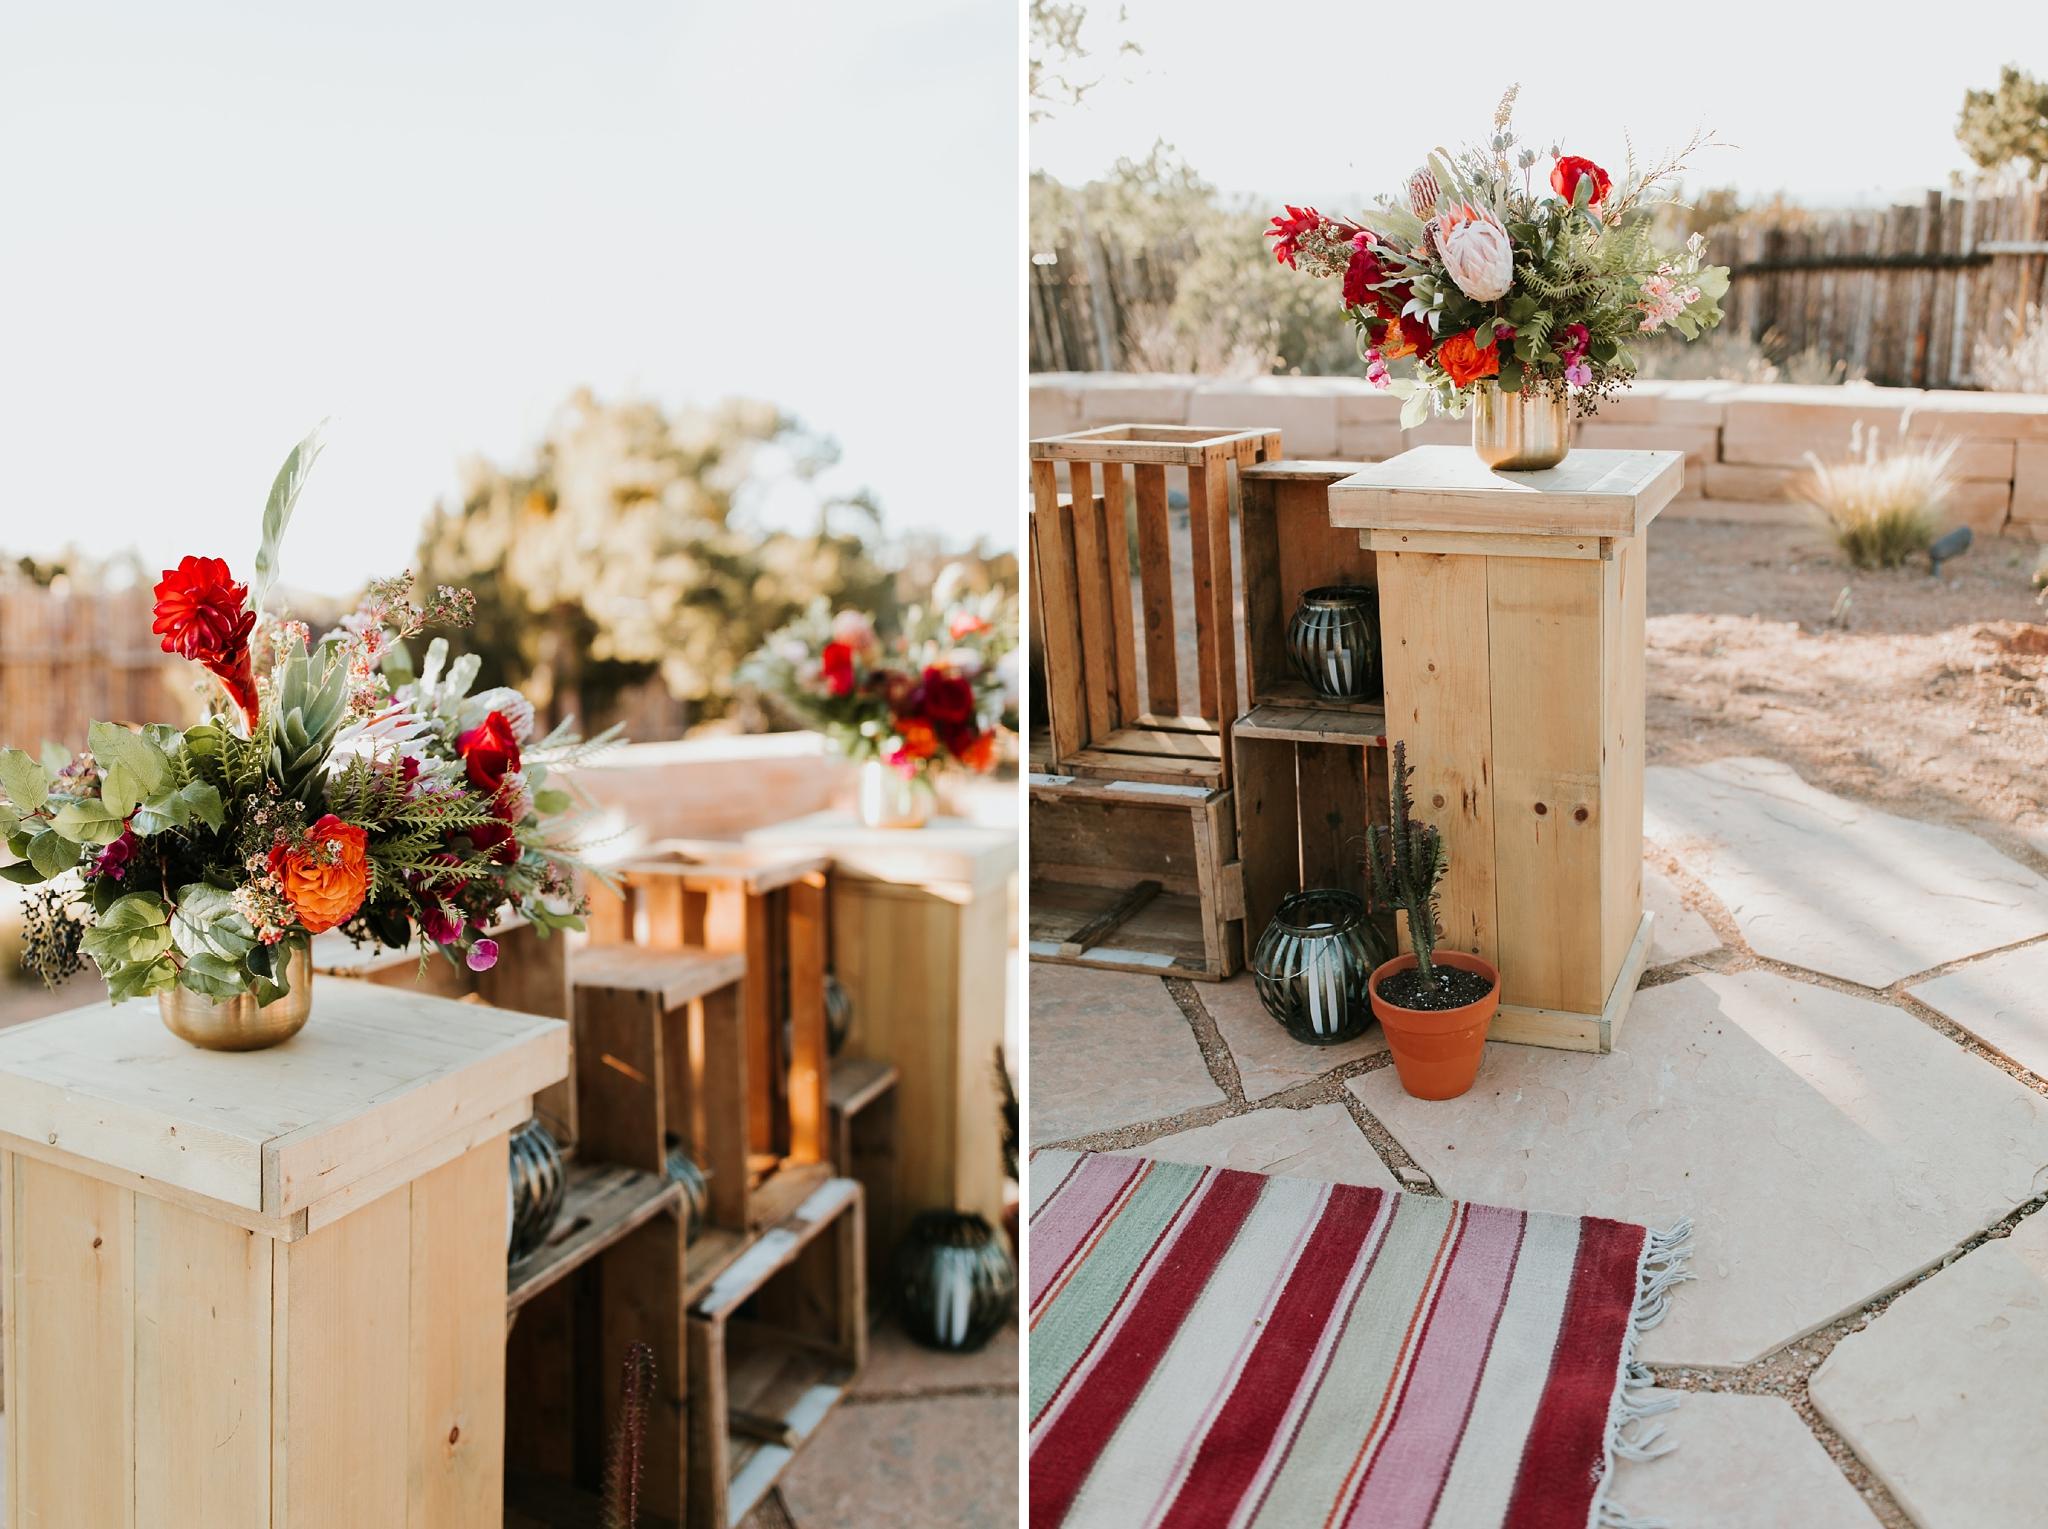 Alicia+lucia+photography+-+albuquerque+wedding+photographer+-+santa+fe+wedding+photography+-+new+mexico+wedding+photographer+-+new+mexico+wedding+-+new+mexico+wedding+-+wedding+planner+-+wedding+rentals+-+new+mexico+wedding+vendor_0035.jpg